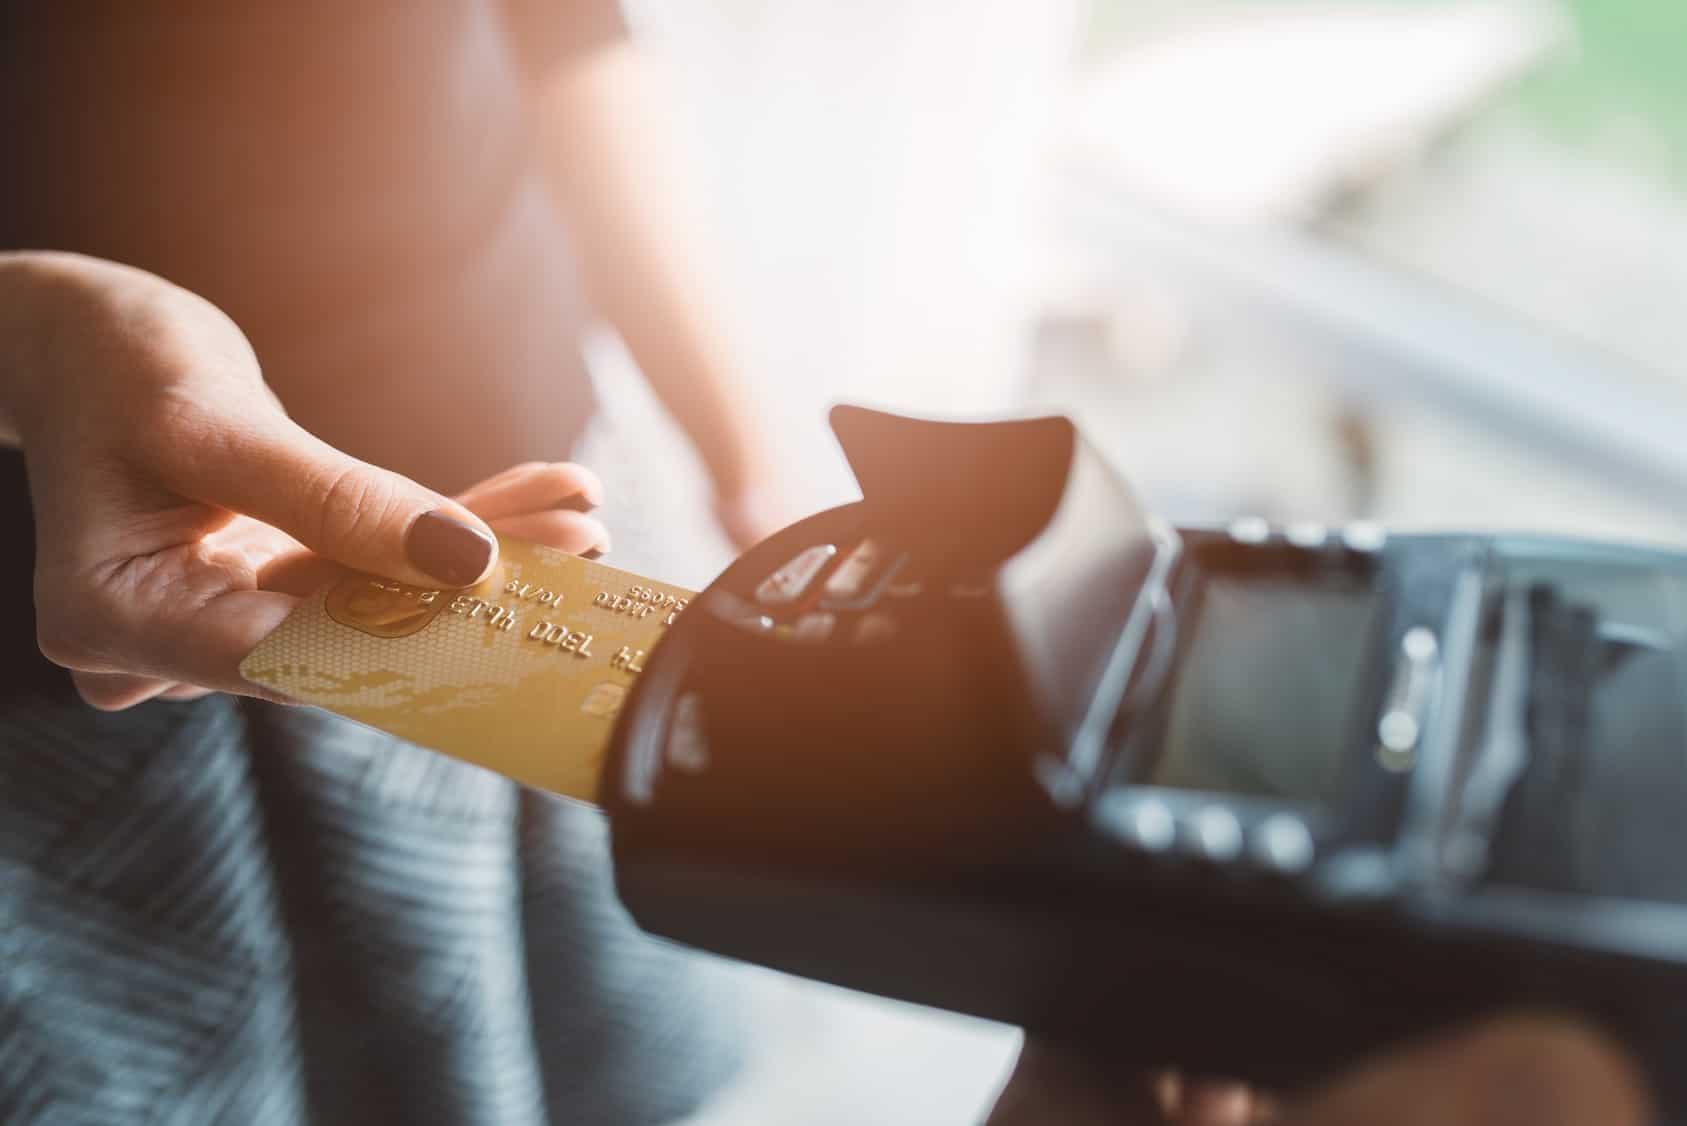 Al respecto, BBVA Bancomer continúa innovando en todo lo tecnológico para ofrecer a sus clientes productos y servicios bancarios digitales a un solo 'clic'.